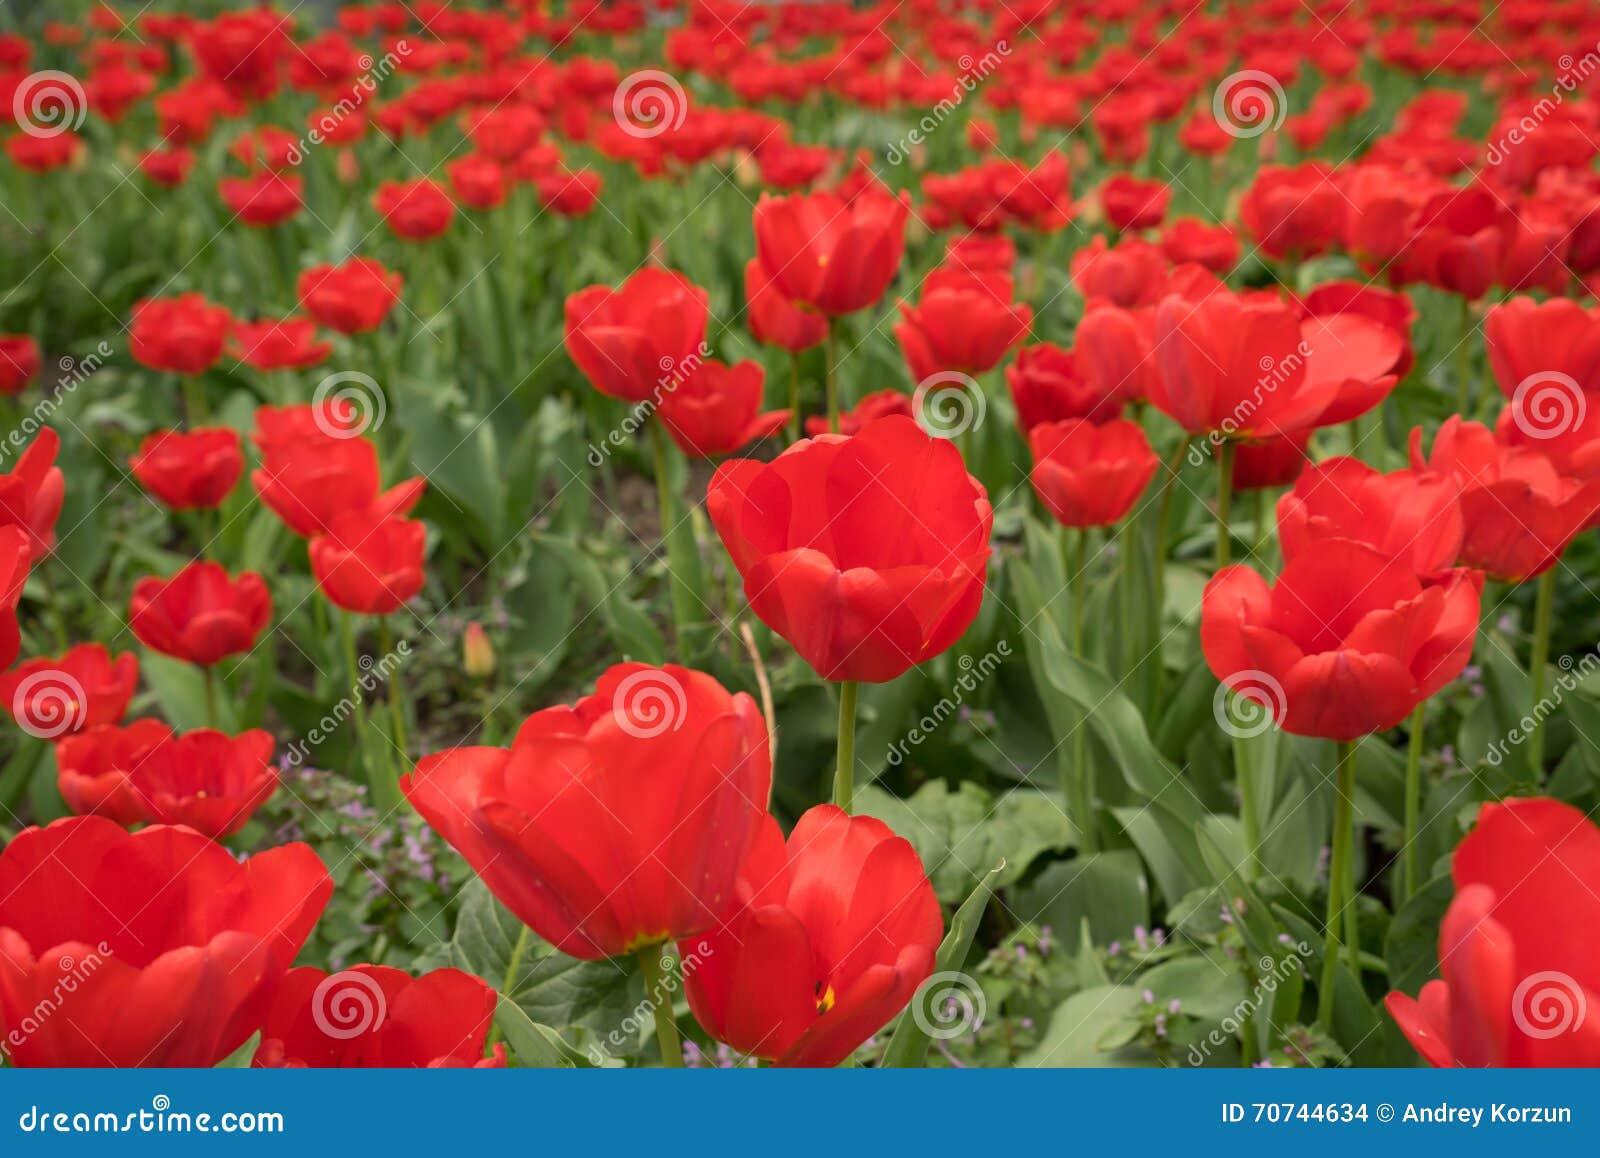 Blumen Fur Den Garten Tulpen ? Sarakane.info Tulpen Im Garten Tipps Rund Um Die Pflege Fur Die Fruhlingsblumen